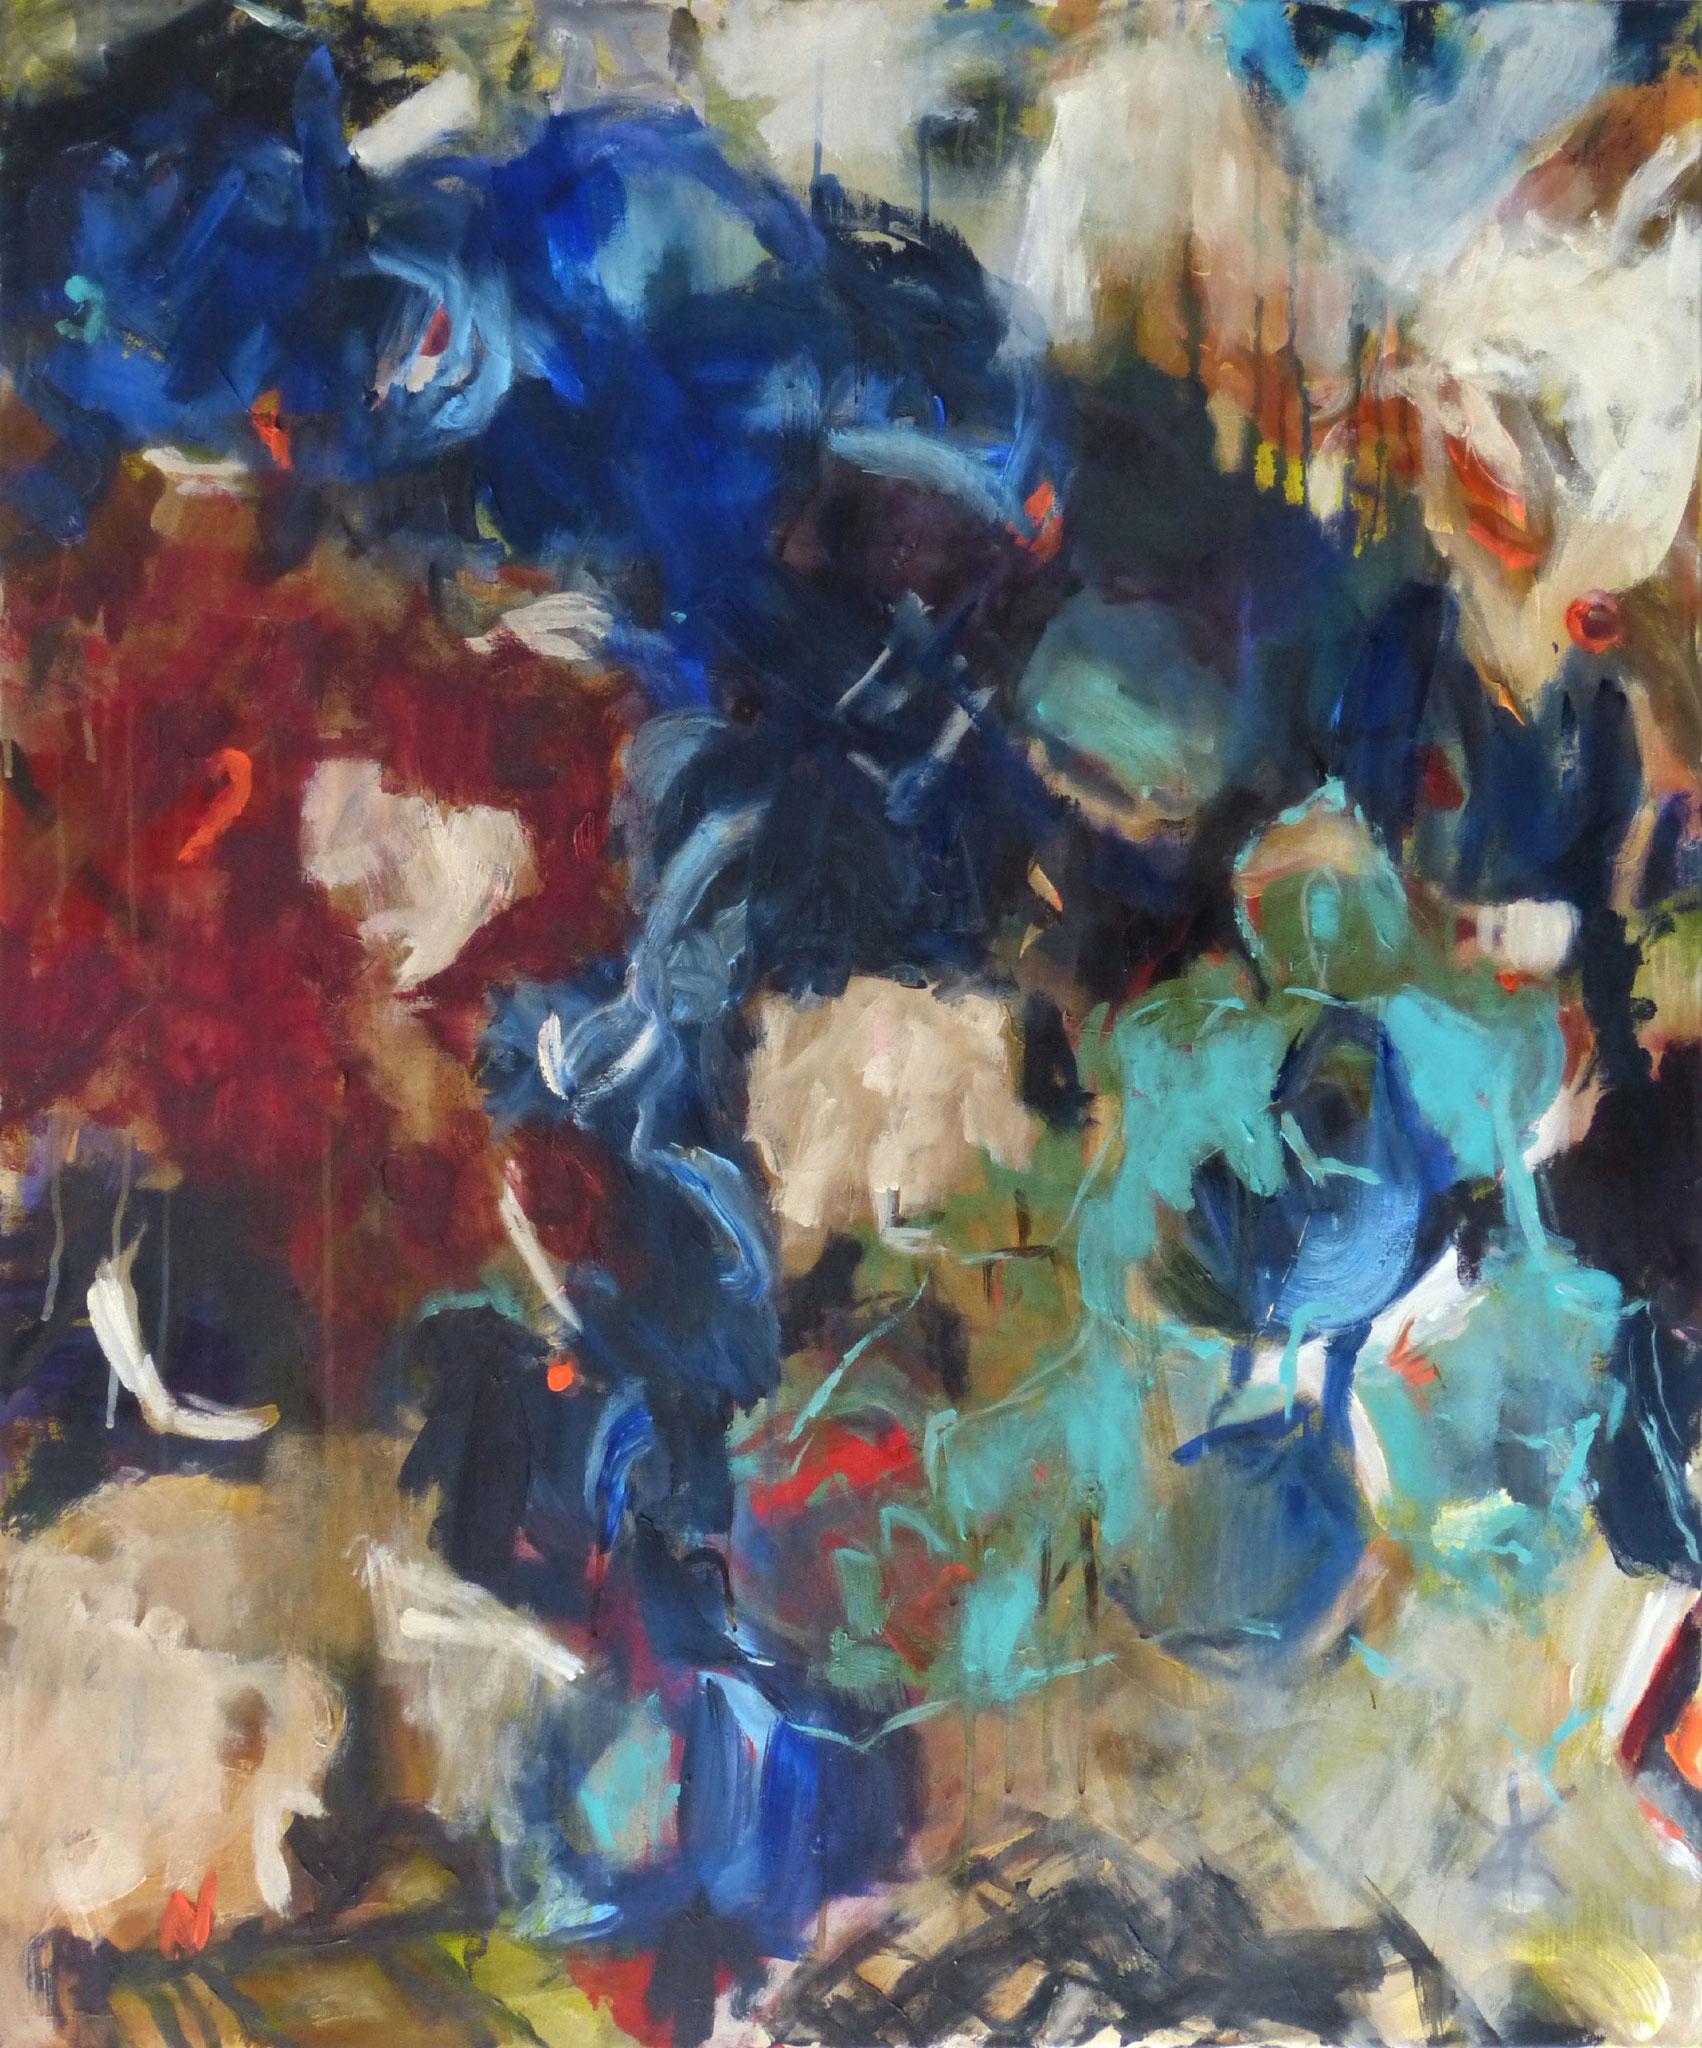 Marrakesch 1,  Acryl/Leinwand, 120x100 cm, 2018